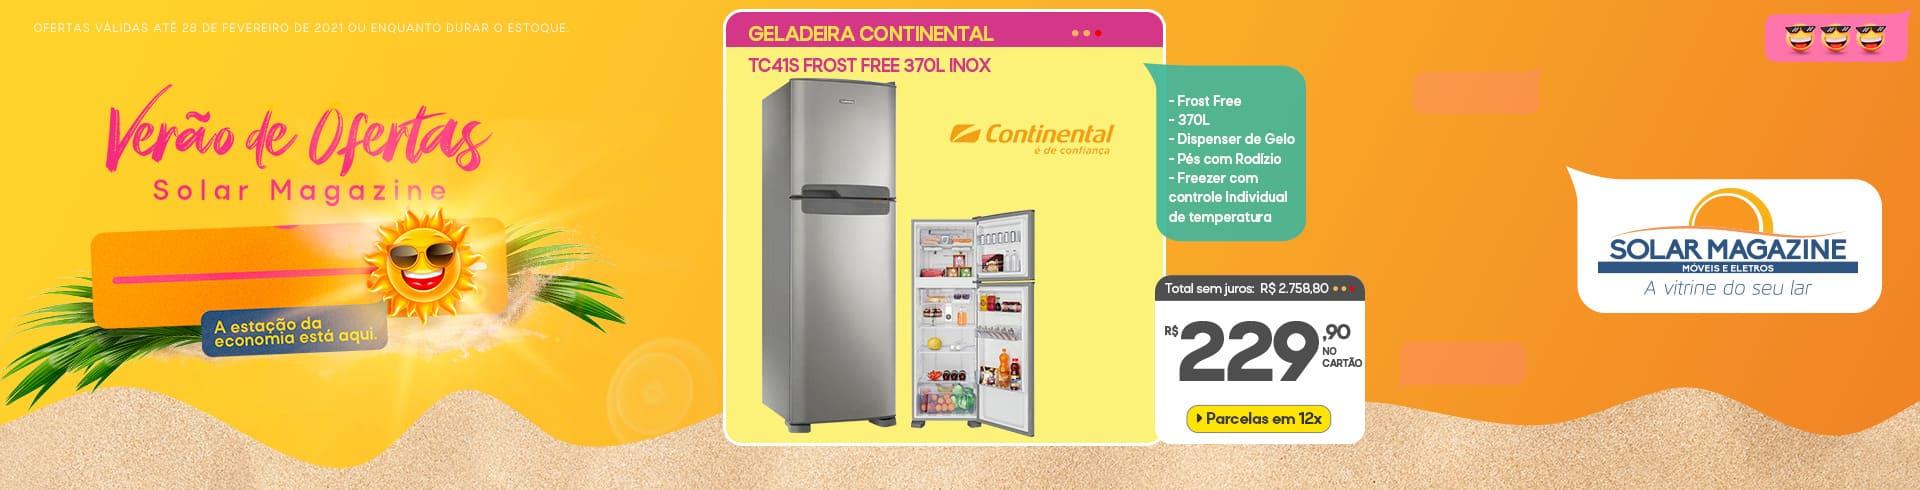 Geladeira Continental tc41s 1 a 15/02